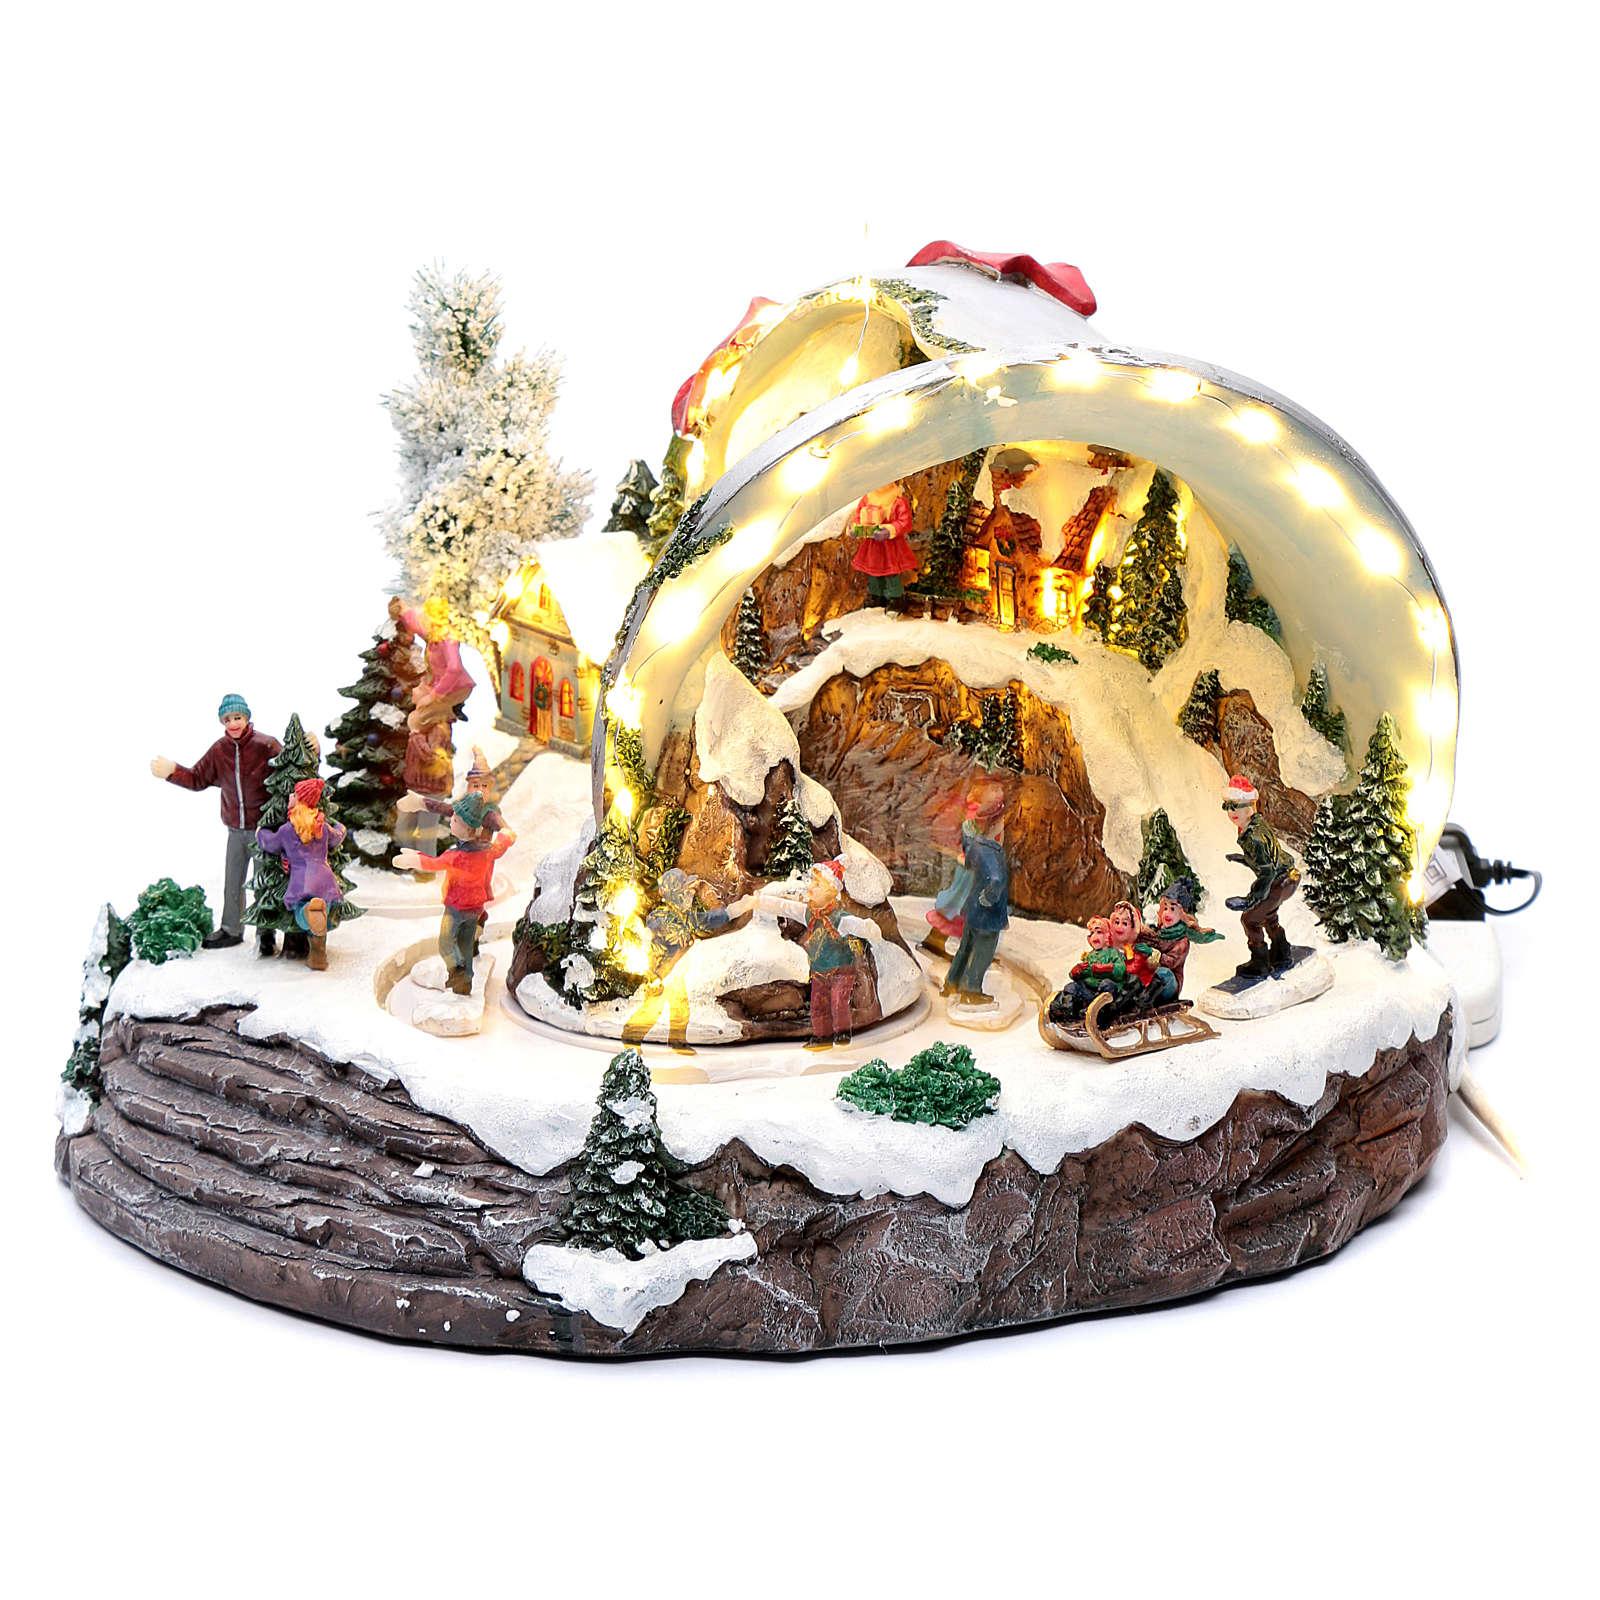 Pueblo navideño campana de Navidad 25x35x40 cm 3